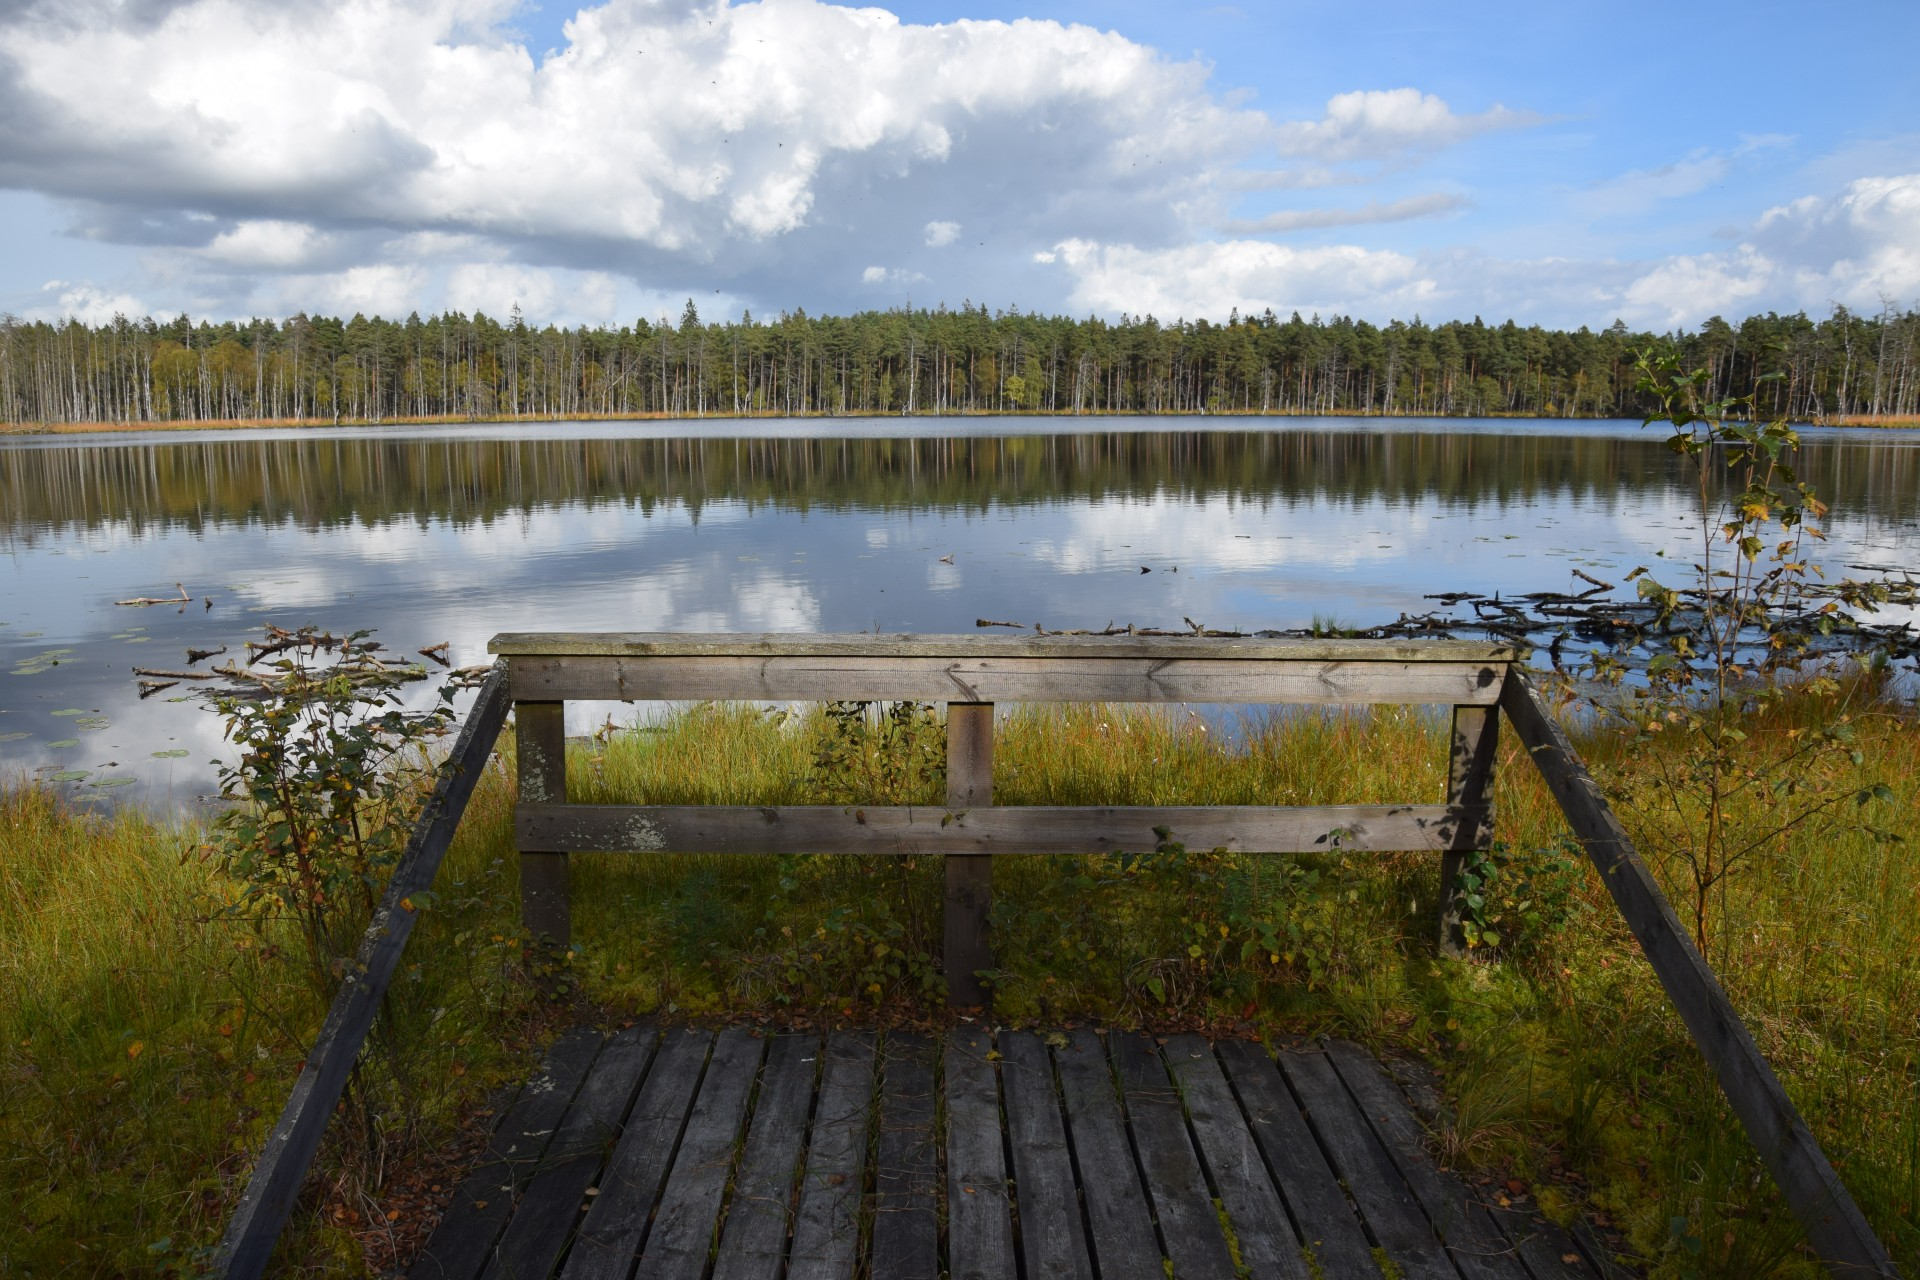 Lasy Mirachowskie. Pajęczyna ukryta między drzewami 6